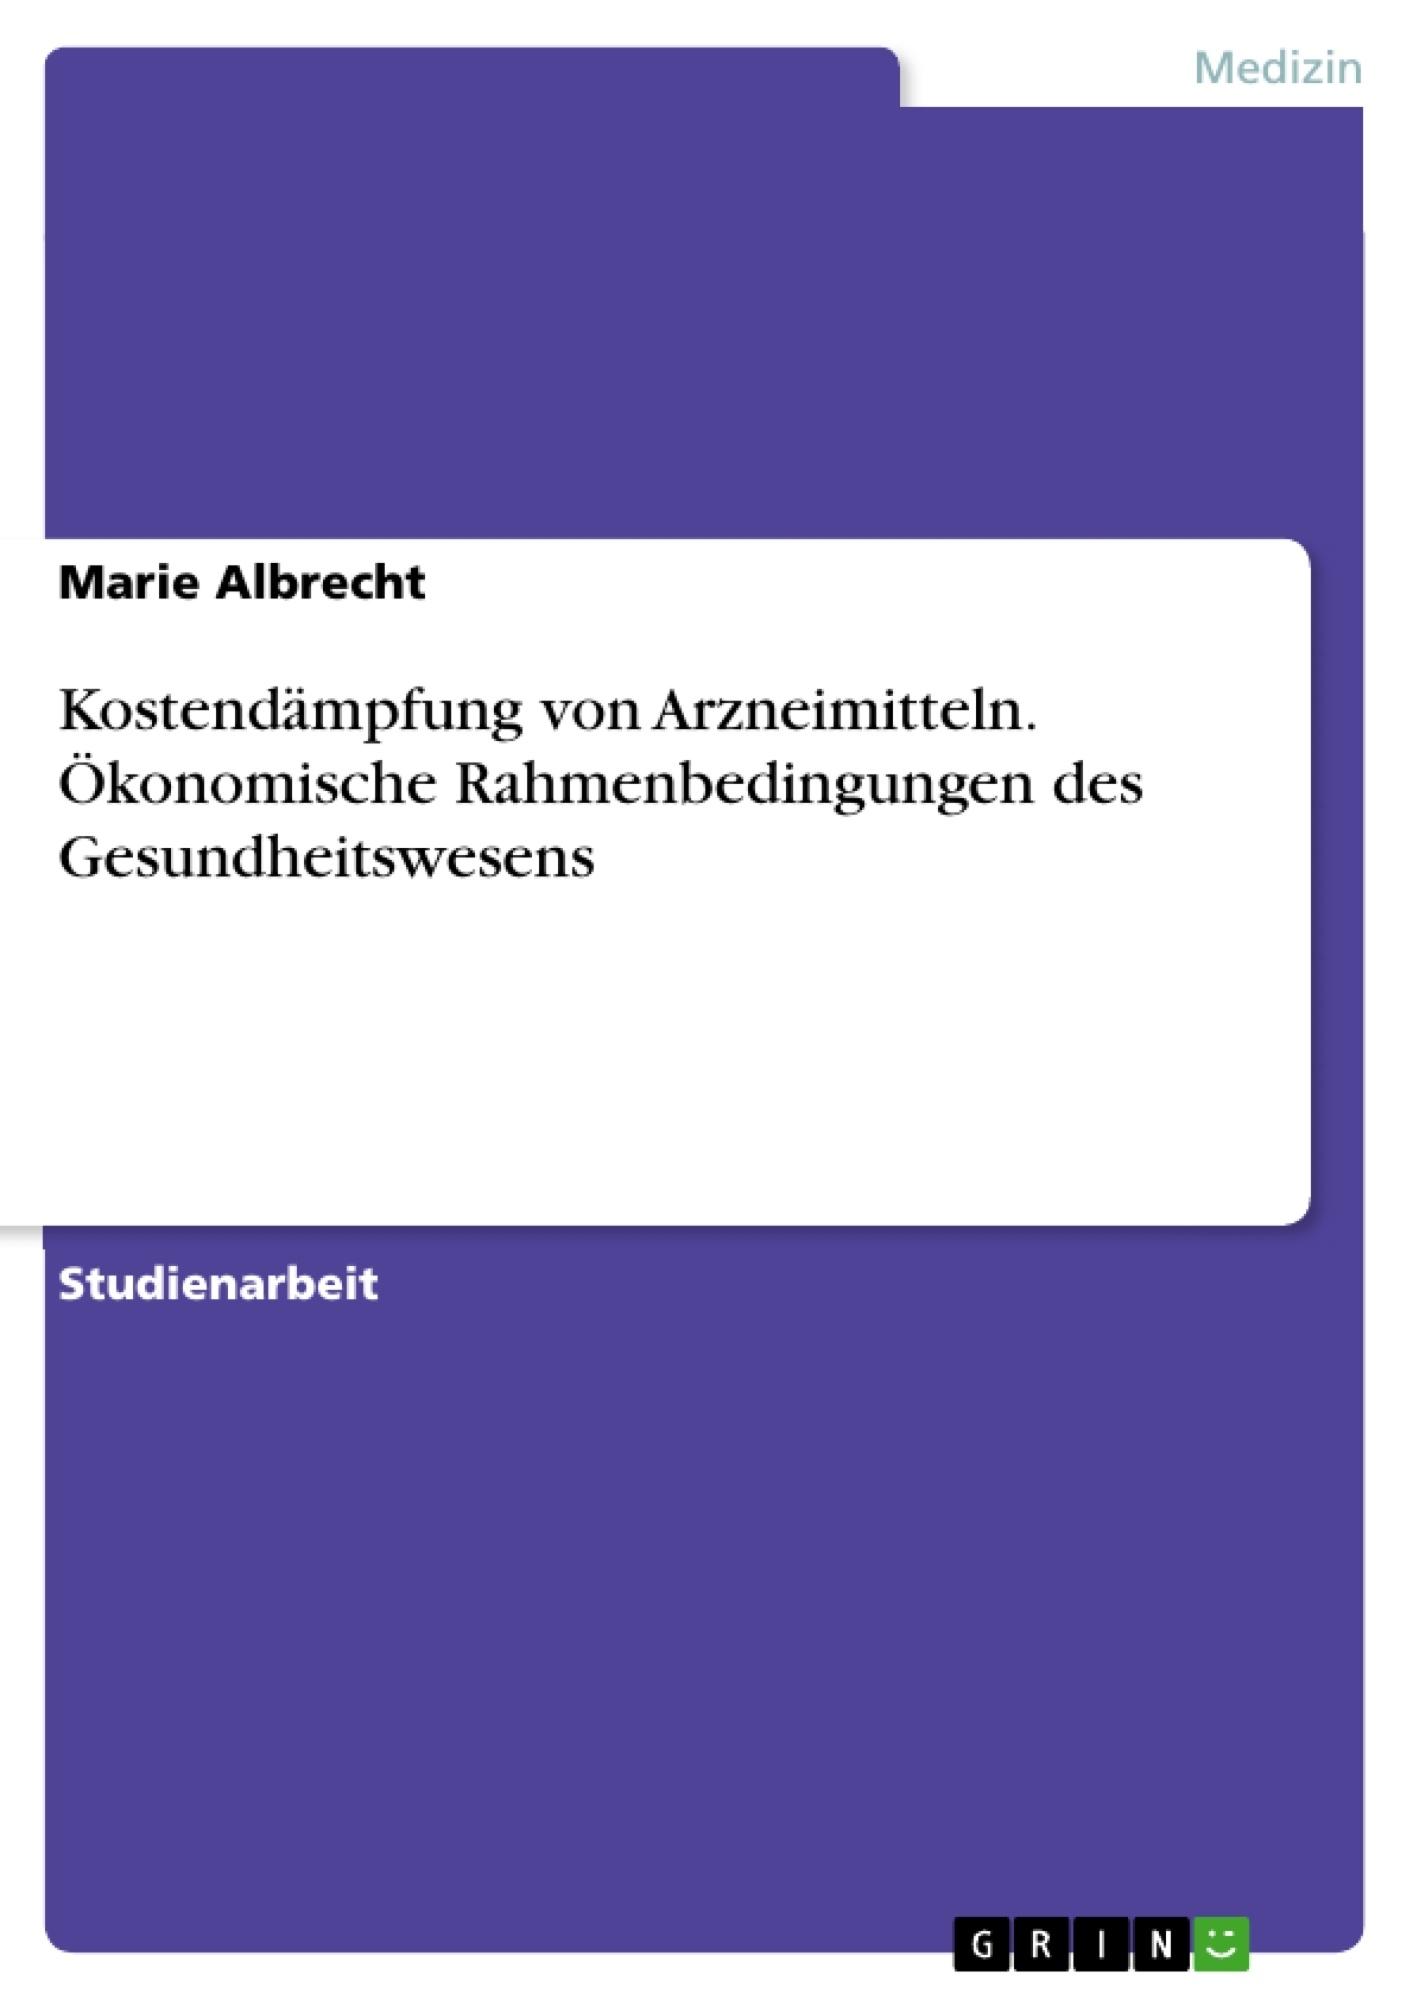 Titel: Kostendämpfung von Arzneimitteln. Ökonomische Rahmenbedingungen des Gesundheitswesens